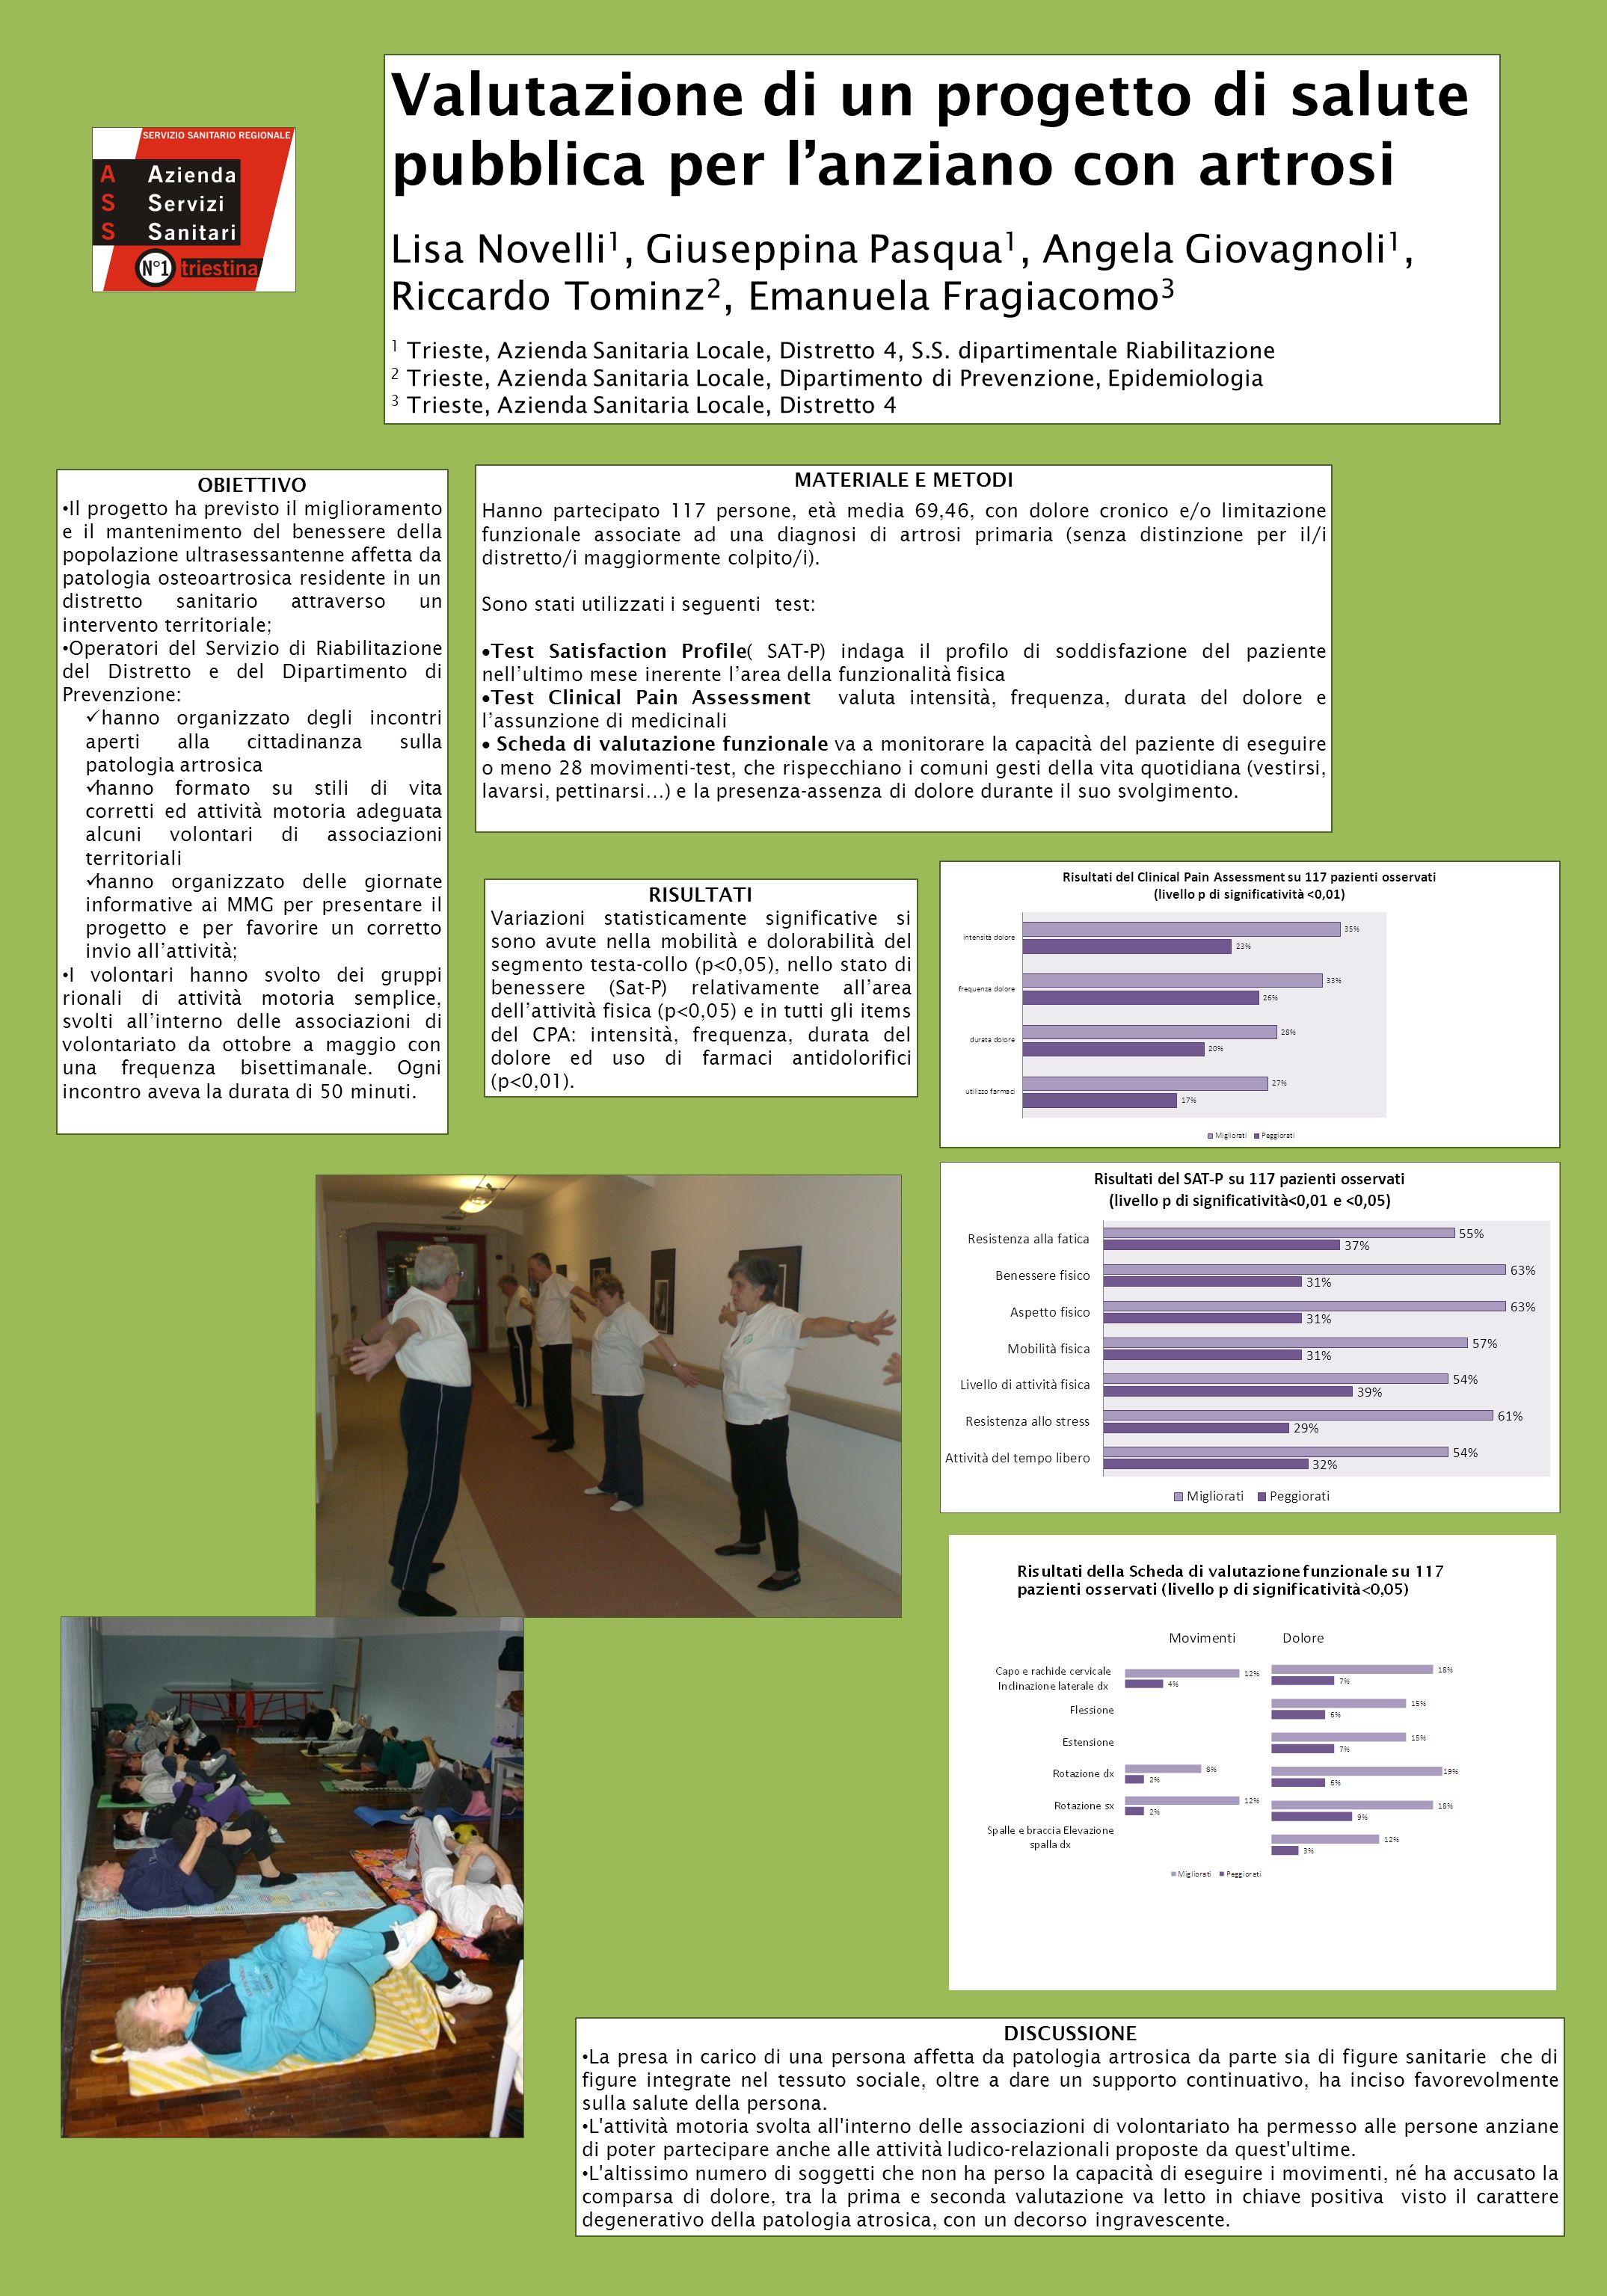 Valutazione di un progetto di salute pubblica per lanziano con artrosi Lisa Novelli 1, Giuseppina Pasqua 1, Angela Giovagnoli 1, Riccardo Tominz 2, Em